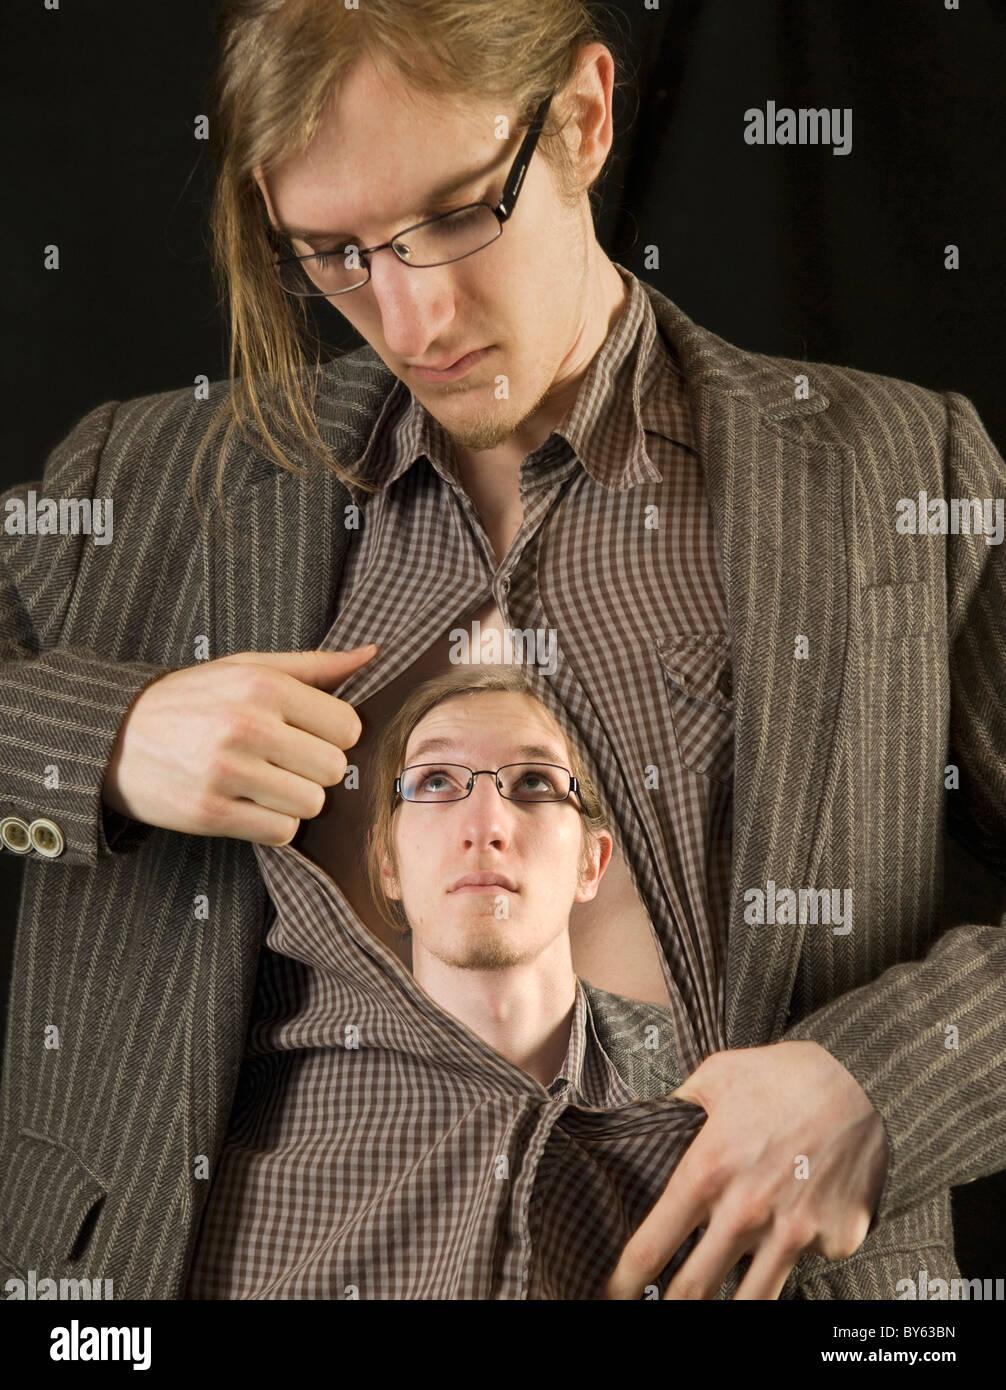 Mann Eröffnung Hemd enthüllt eine Vision von sich selbst Stockbild